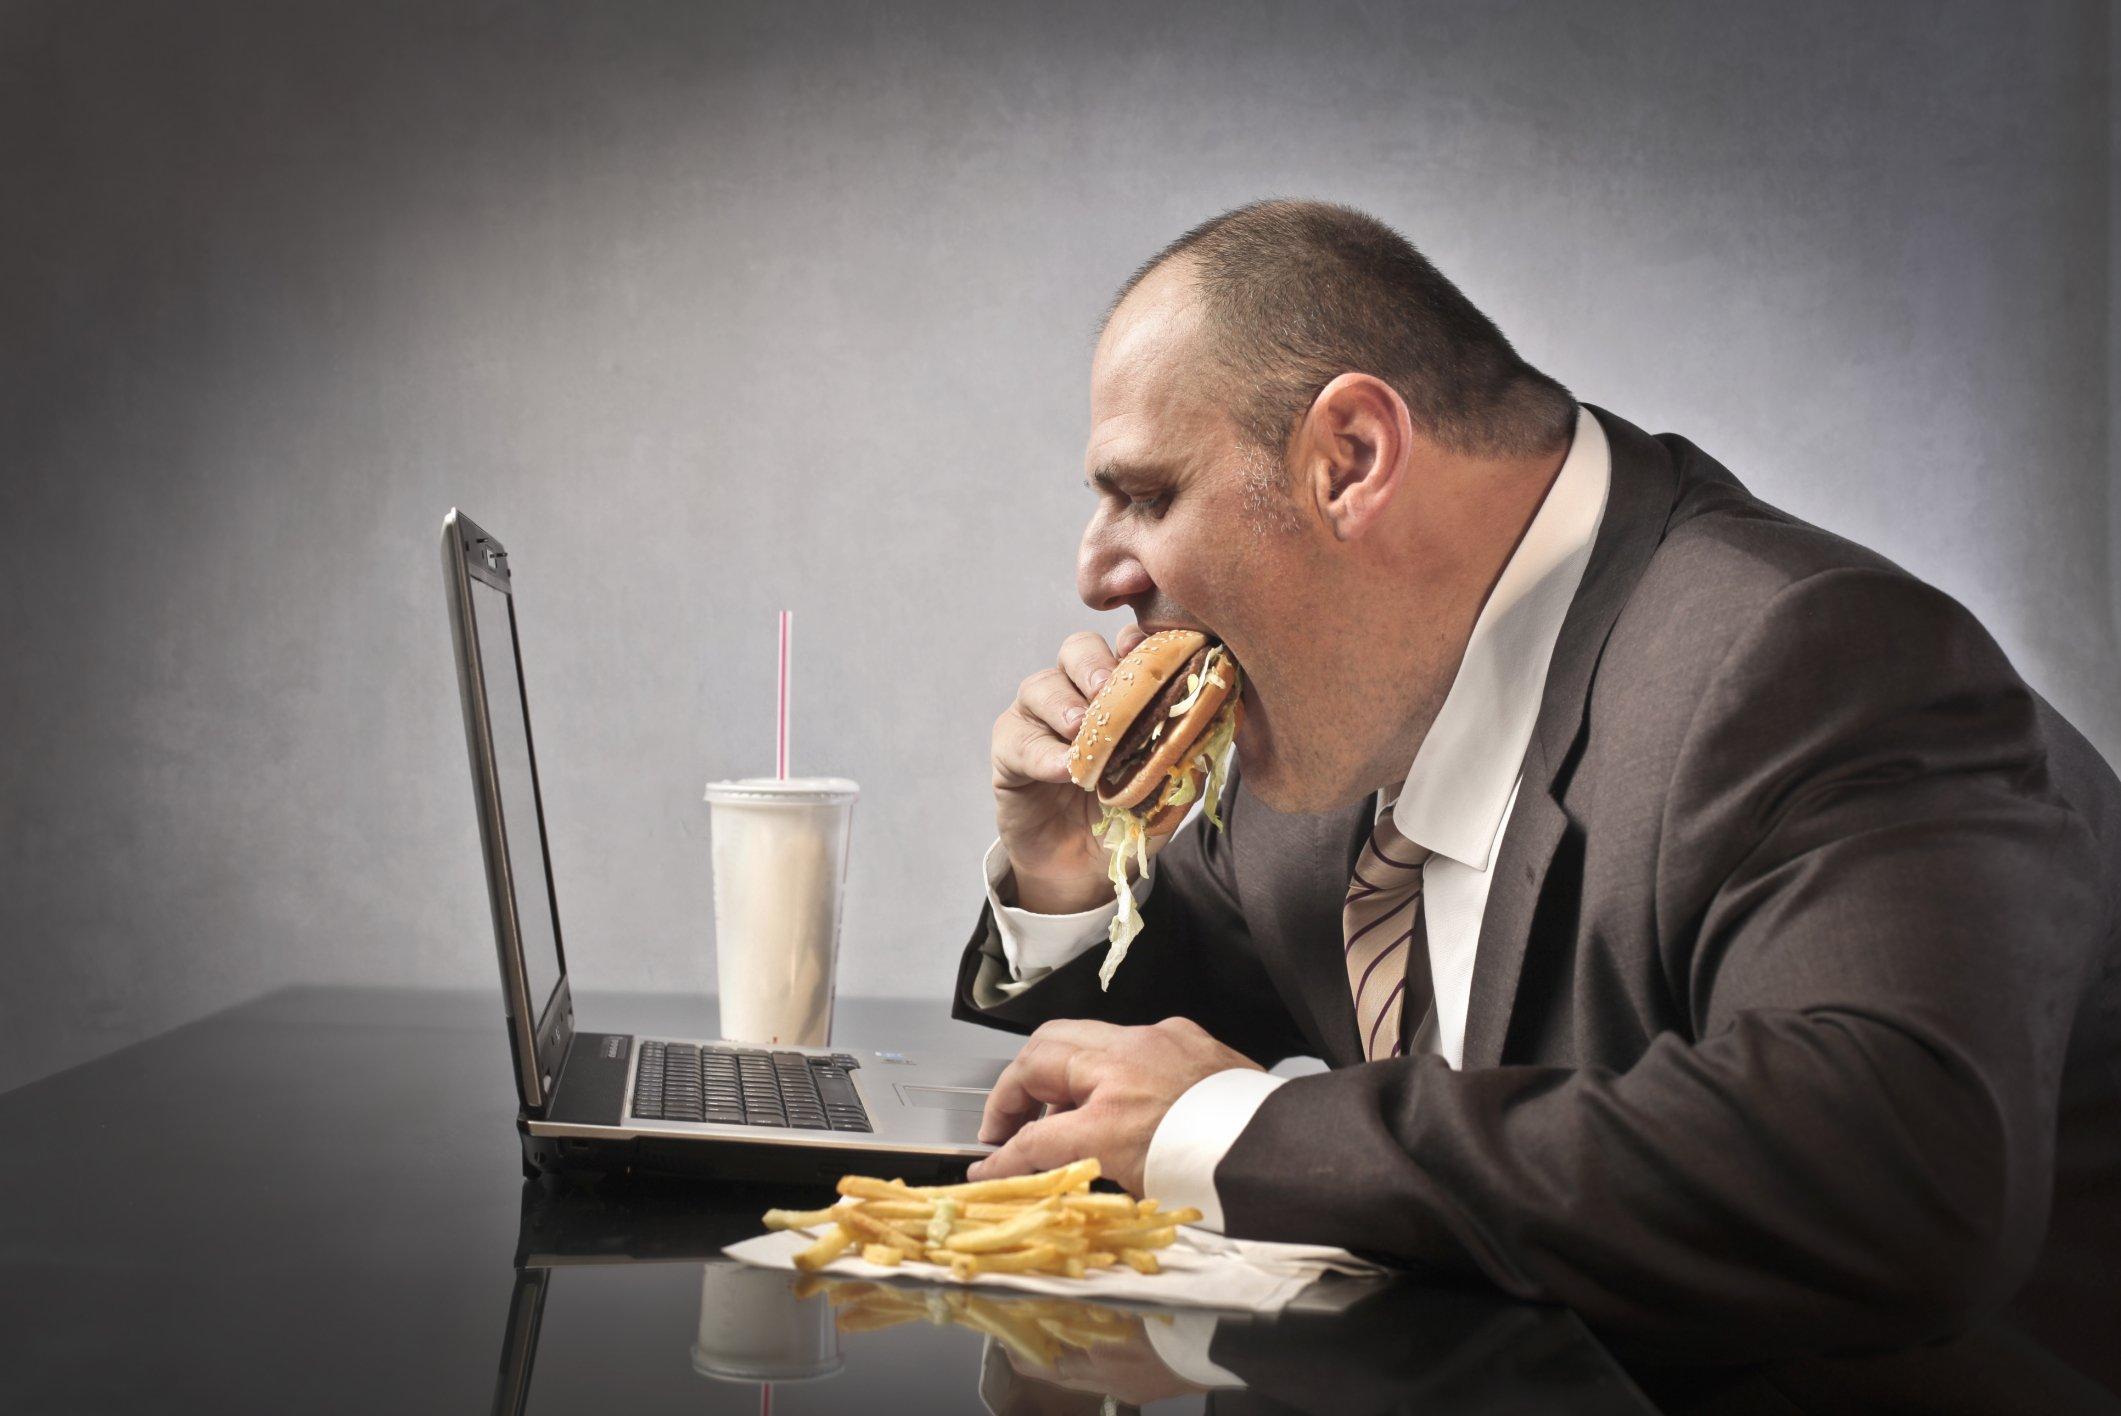 9 23 social media and obesity.jpg?resize=1200,630 - 5 motivos pelos quais as pessoas engordam no trabalho